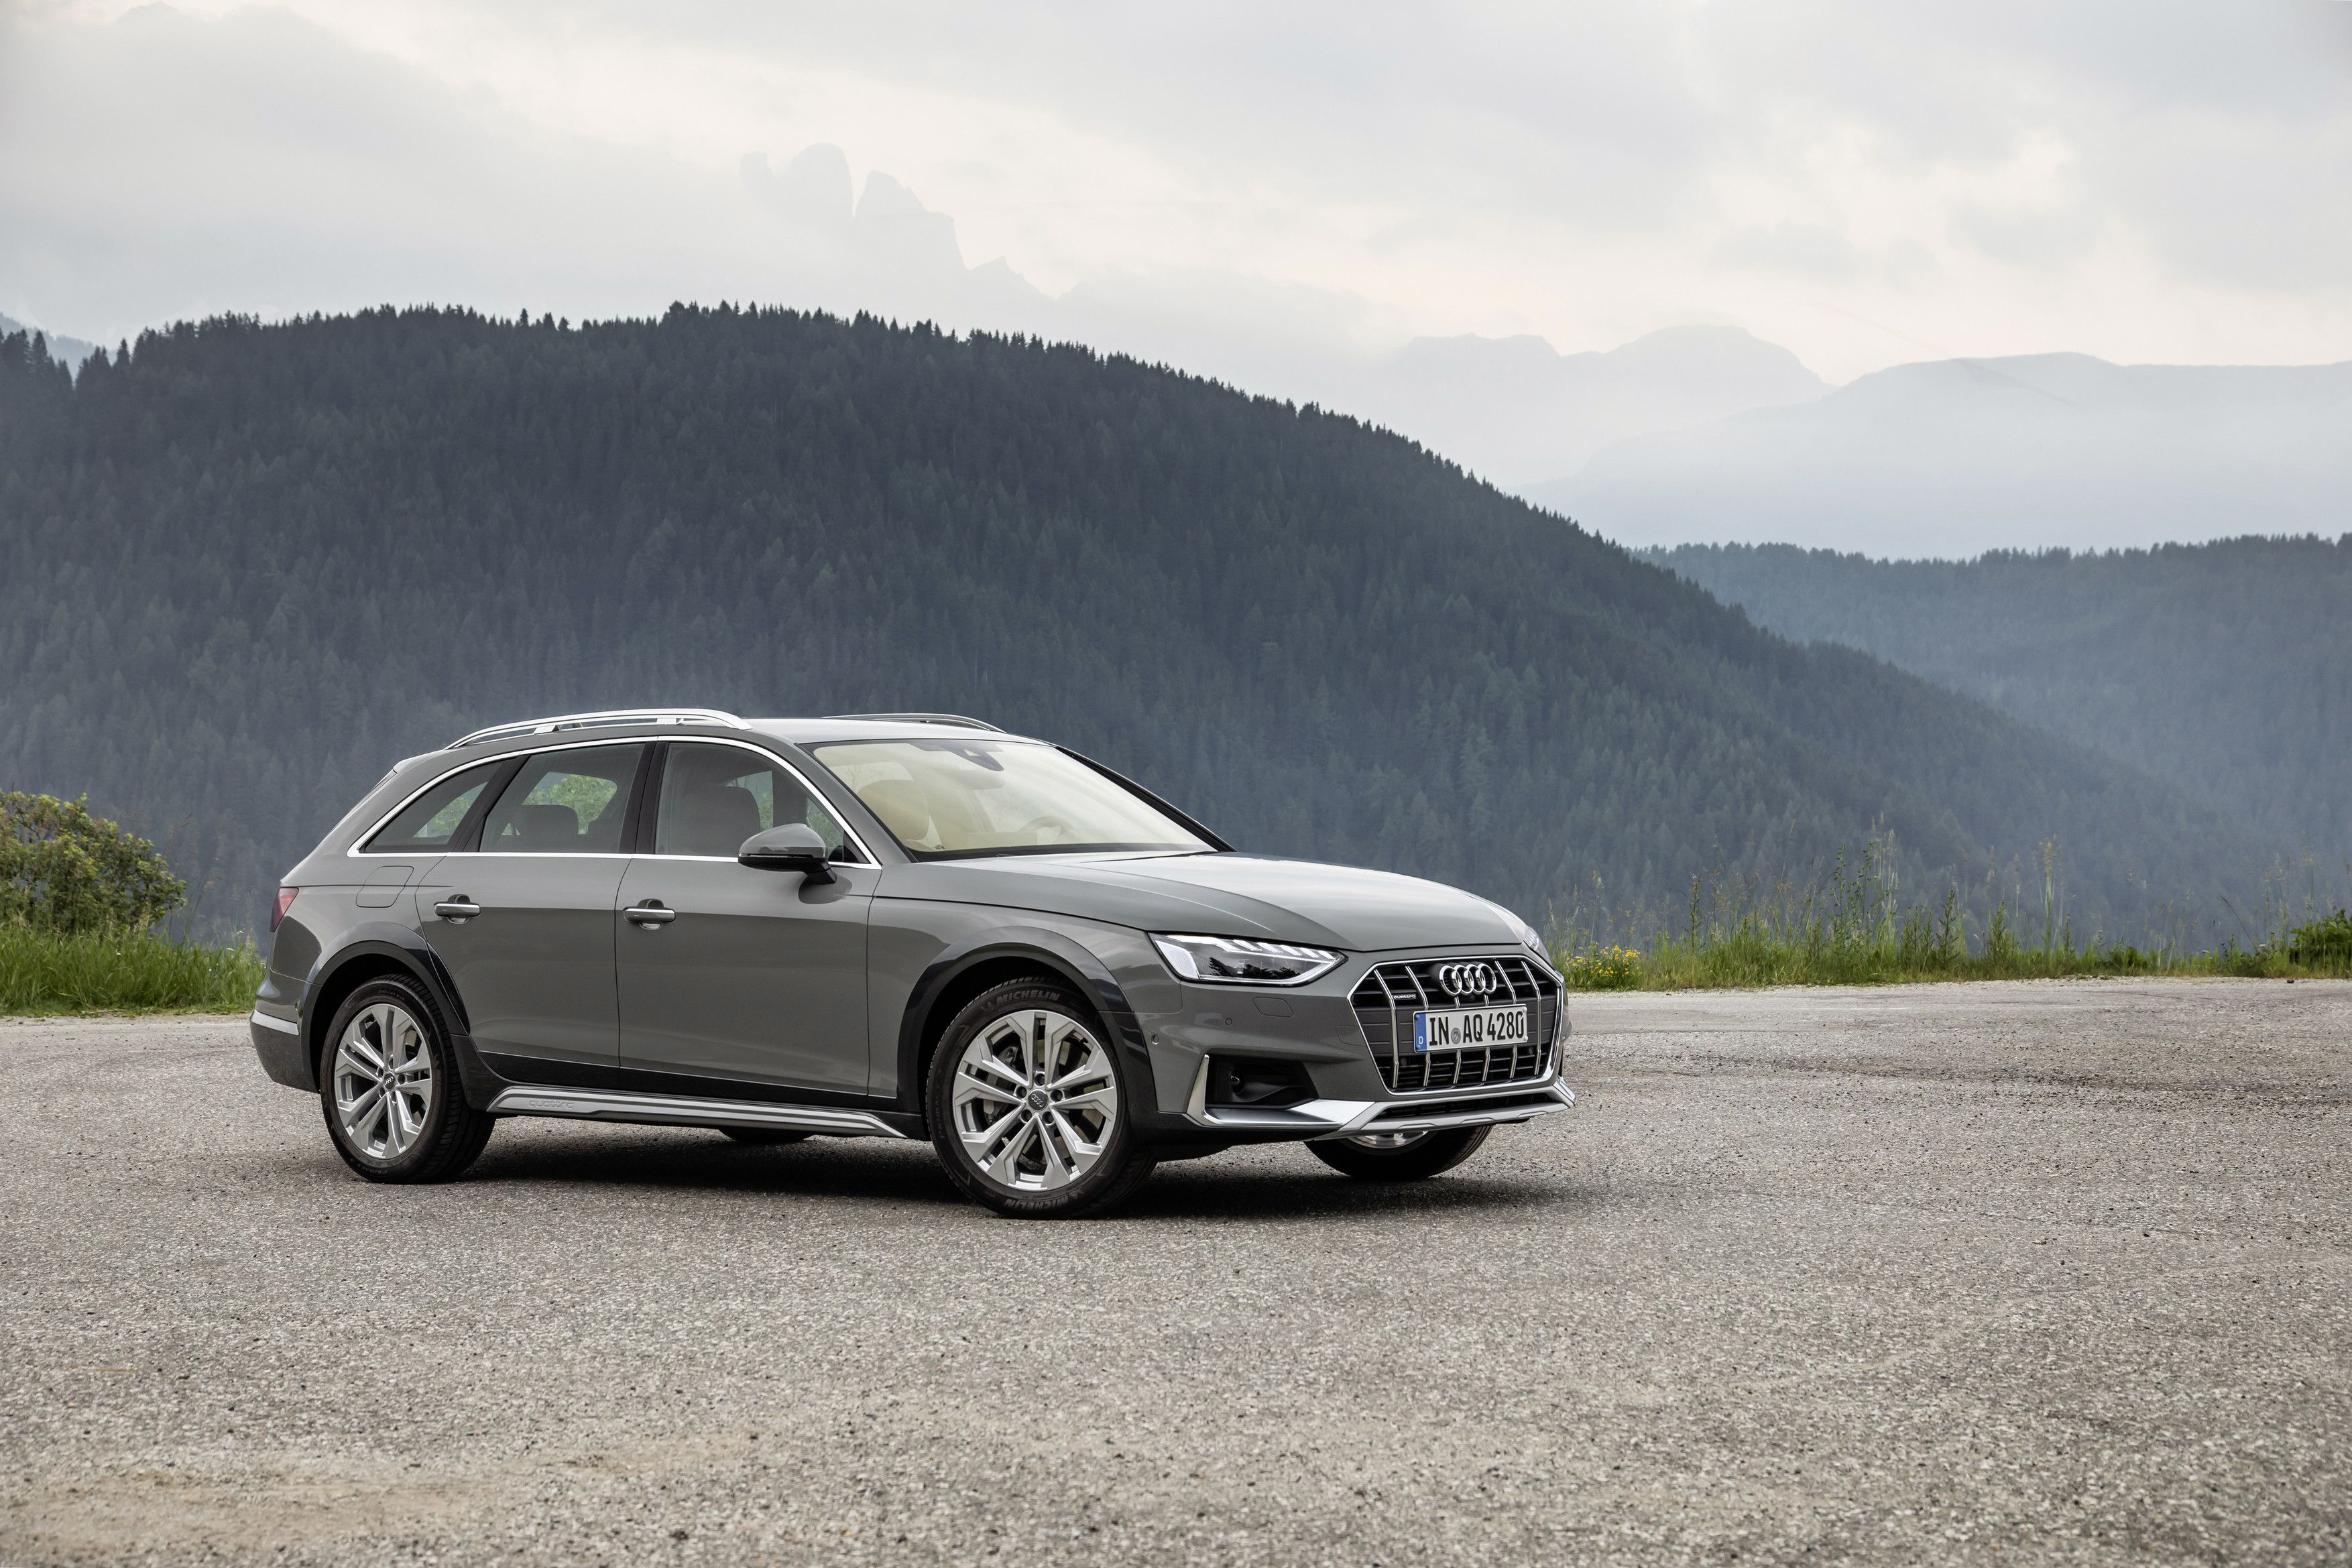 Kelebihan Kekurangan Audi Allroad Quattro Top Model Tahun Ini